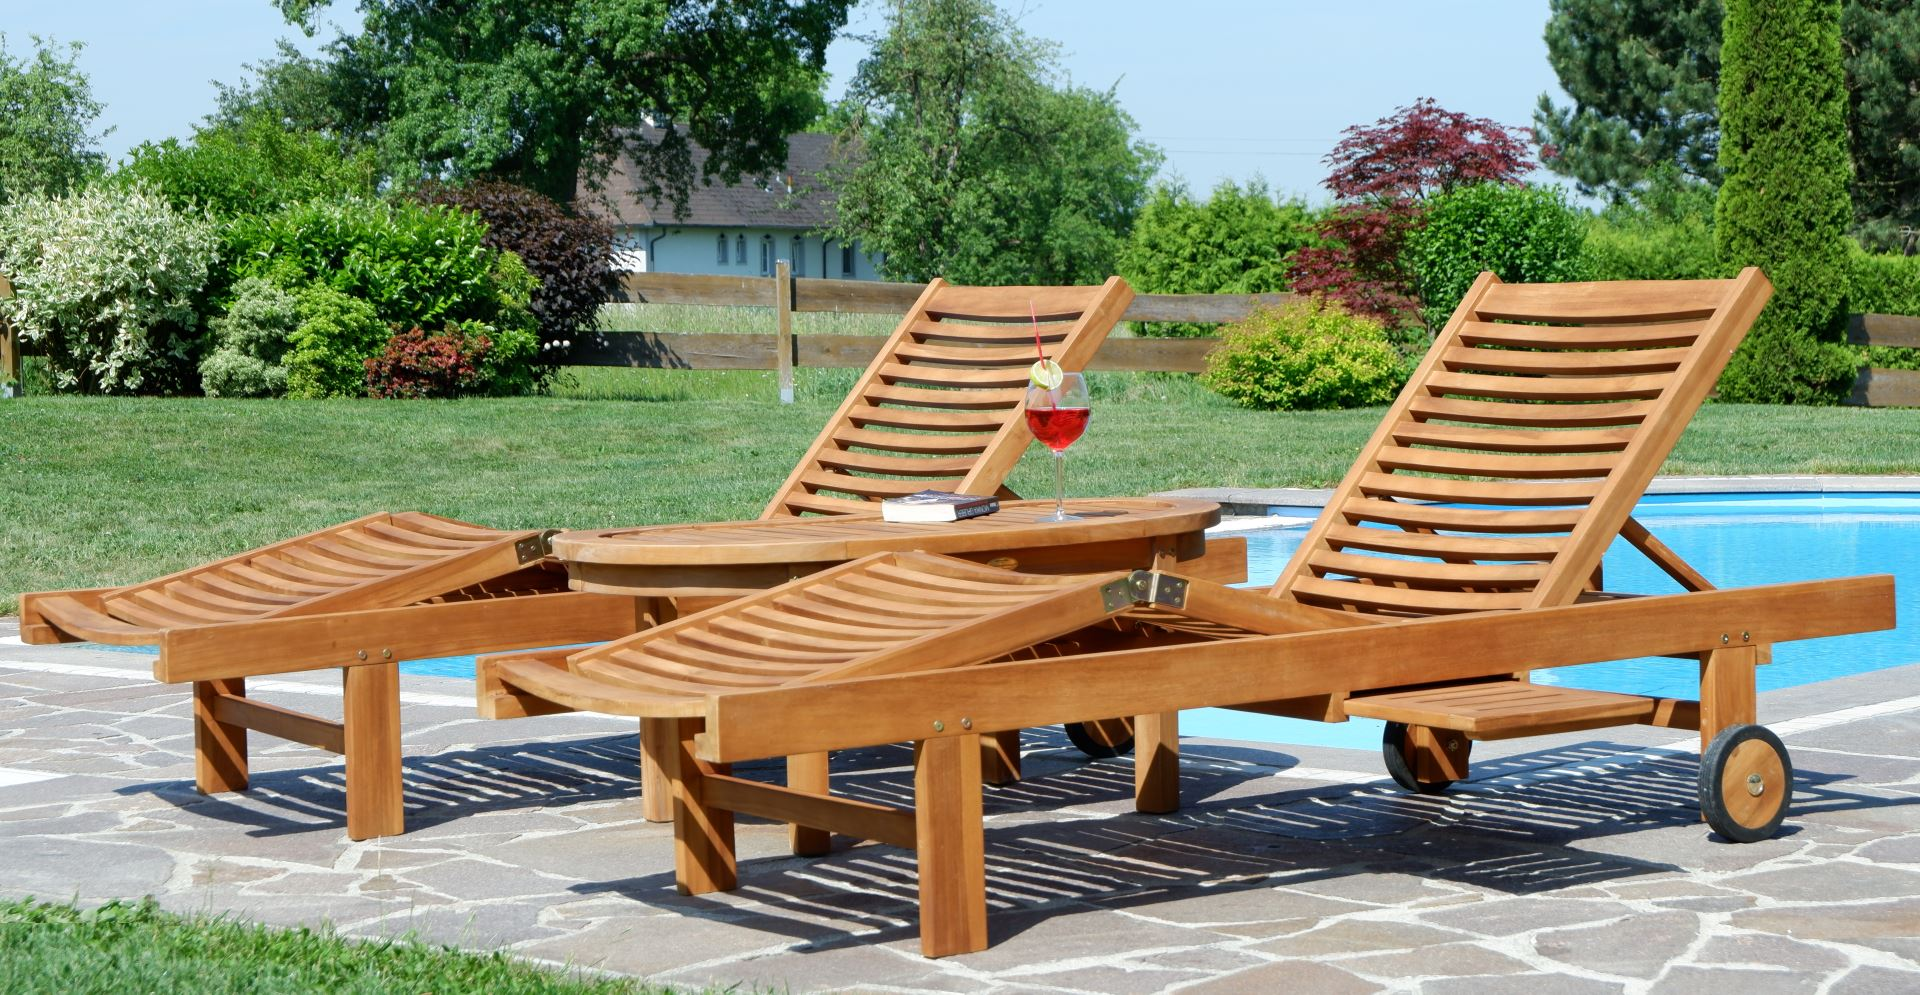 Full Size of Garten Liege Doppel Gartenliege Ikea Gebraucht Liegestuhl Holz Englisch Lidl Gartenliegen Wetterfest Alu Klappbar Von Kinderspielhaus Jacuzzi Relaxsessel Garten Garten Liege